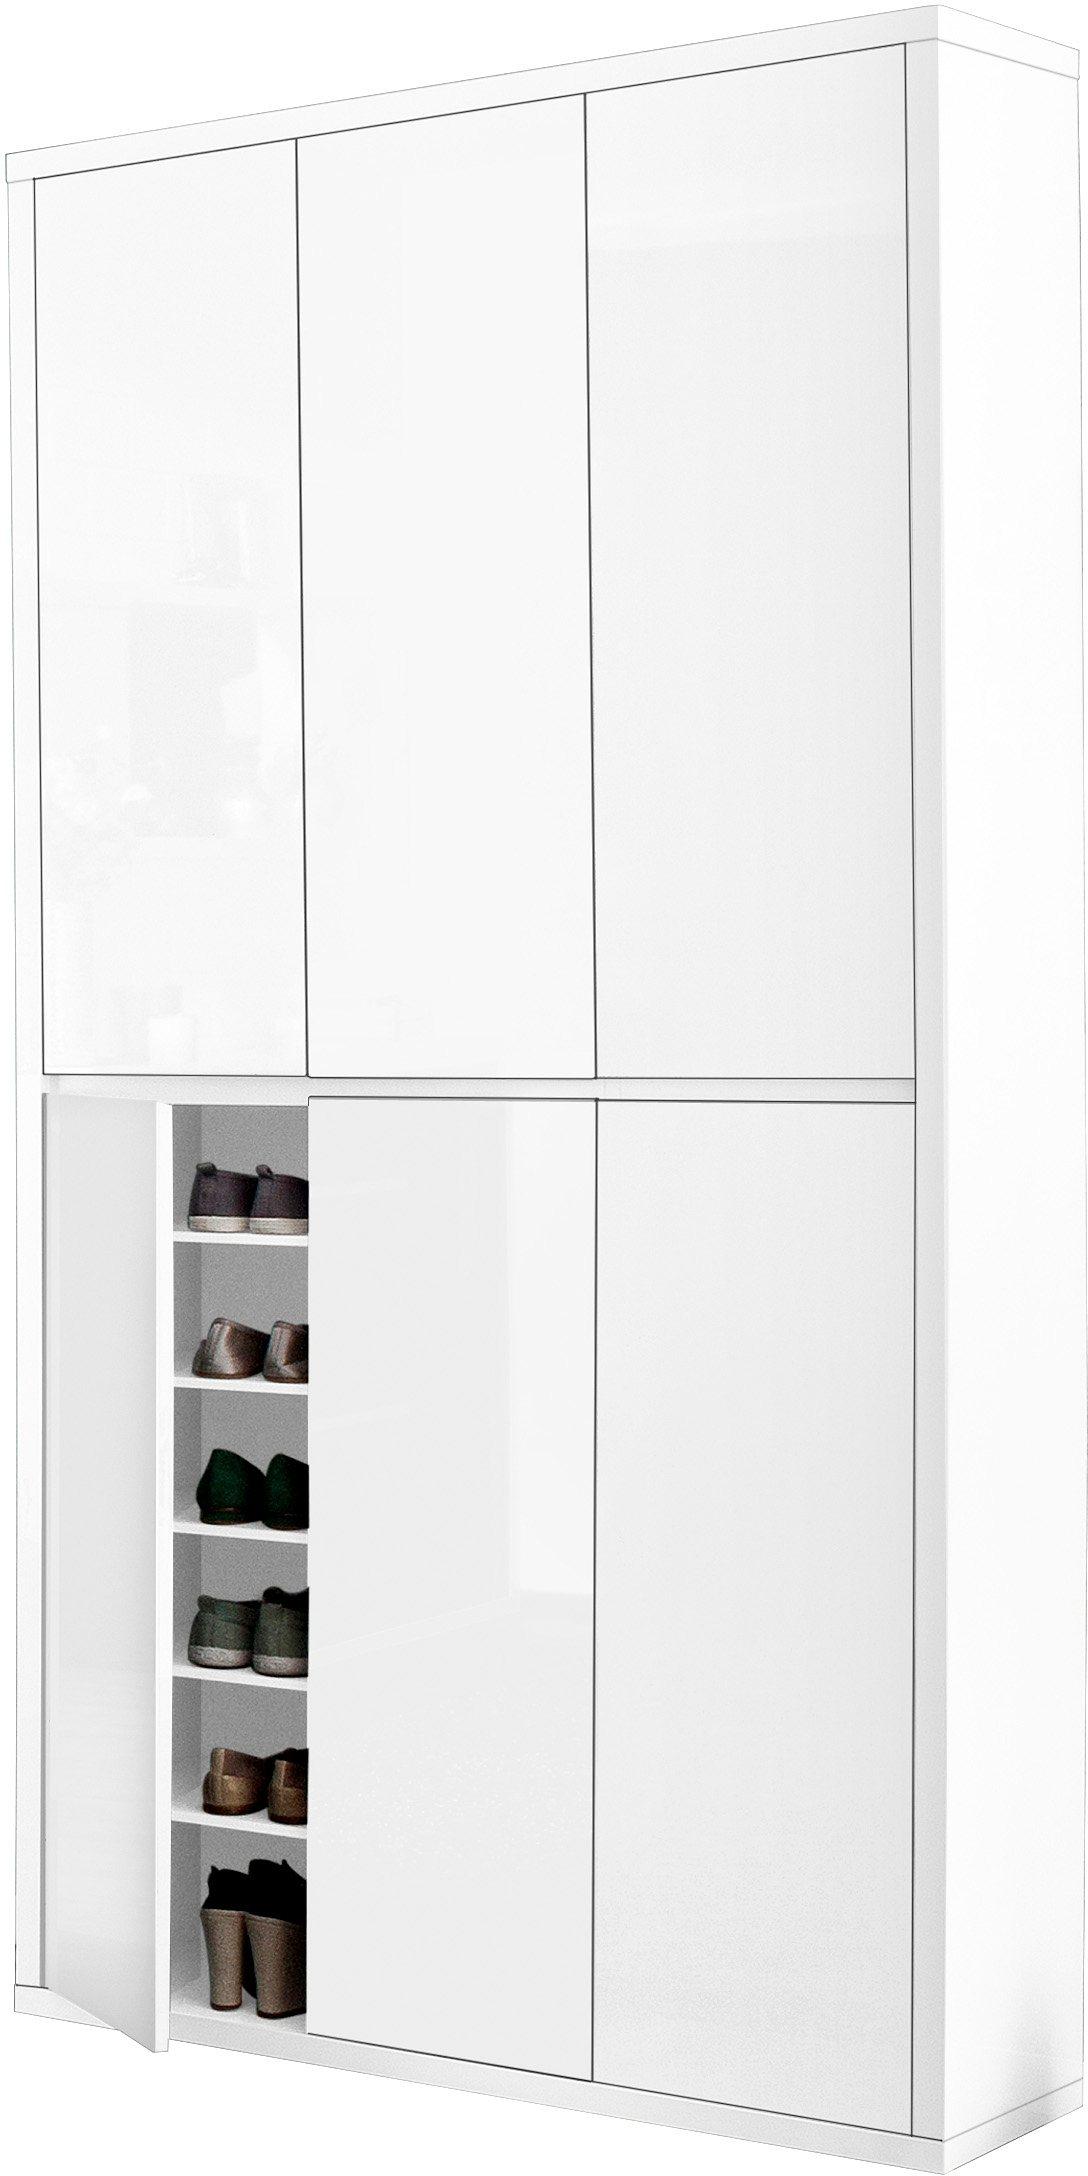 HMW Schuhschrank »Spazio«, Breite 101 cm, mit griffloser Optik | Flur & Diele > Schuhschränke und Kommoden > Schuhschränke | Weiß - Anthrazit | Melamin | HMW